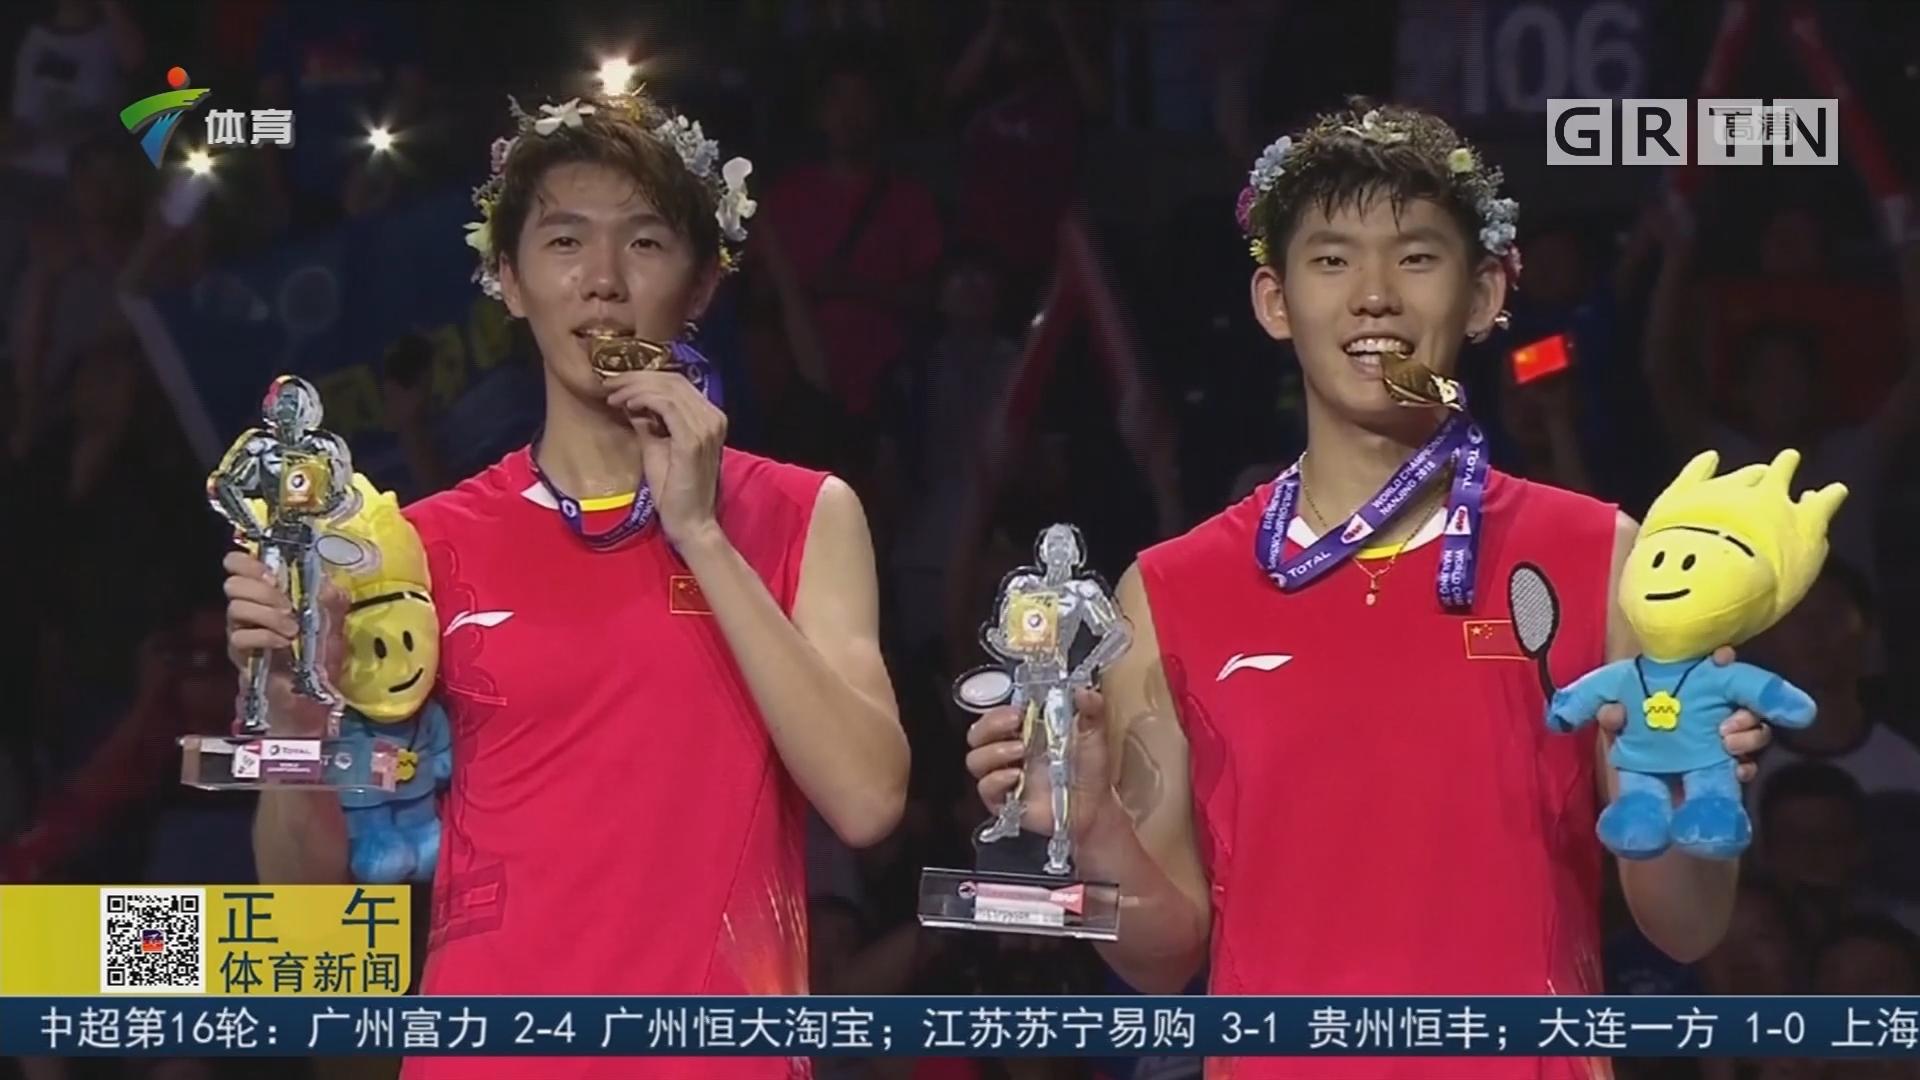 羽毛球世锦赛落幕 中国队收获2金2银